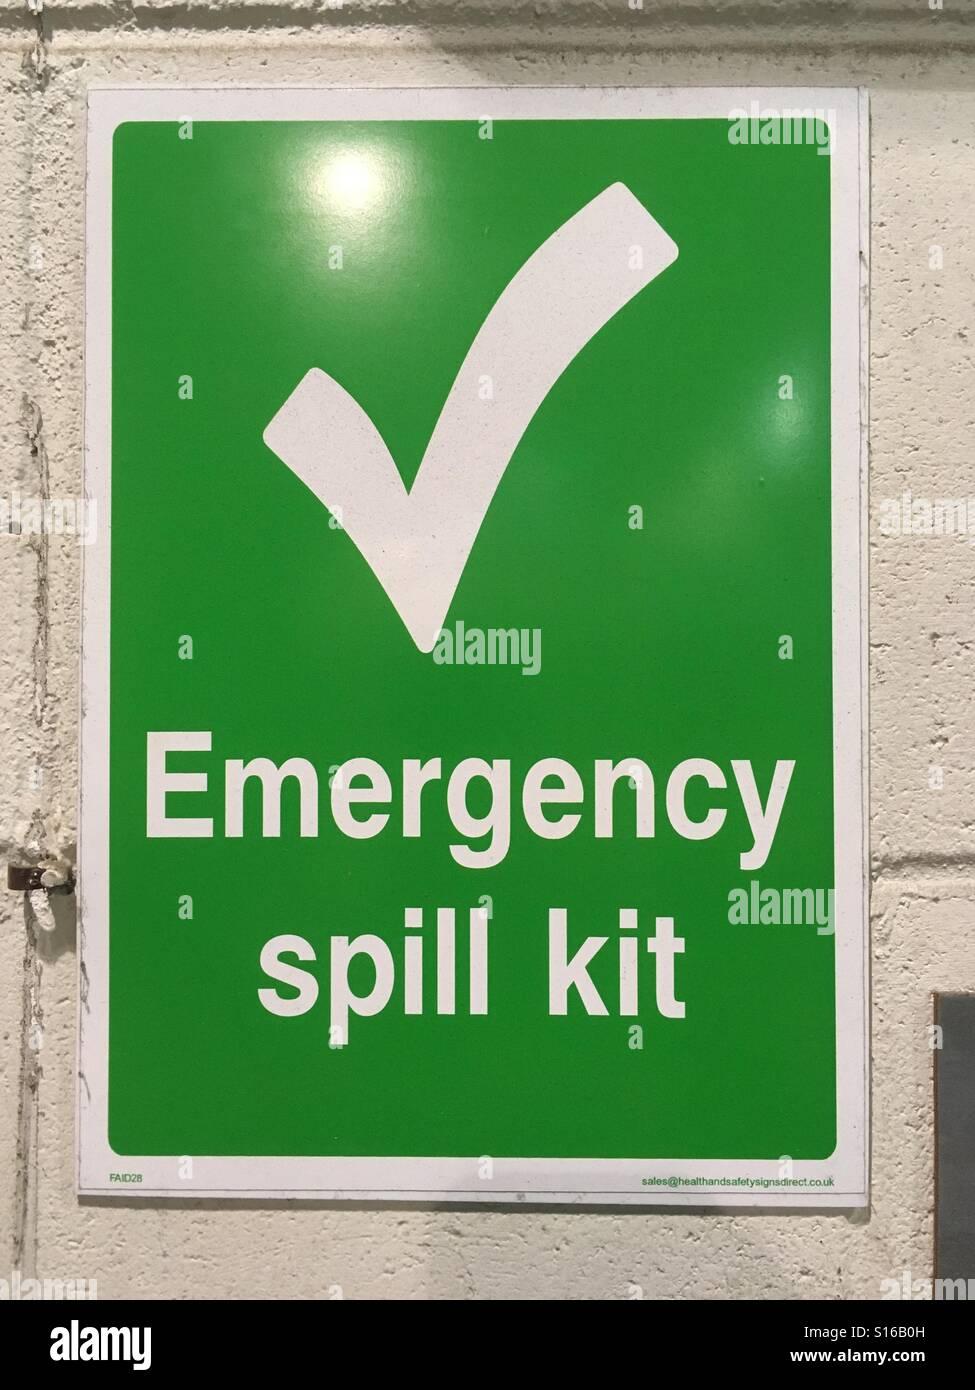 Emergency spill kit sign - Stock Image